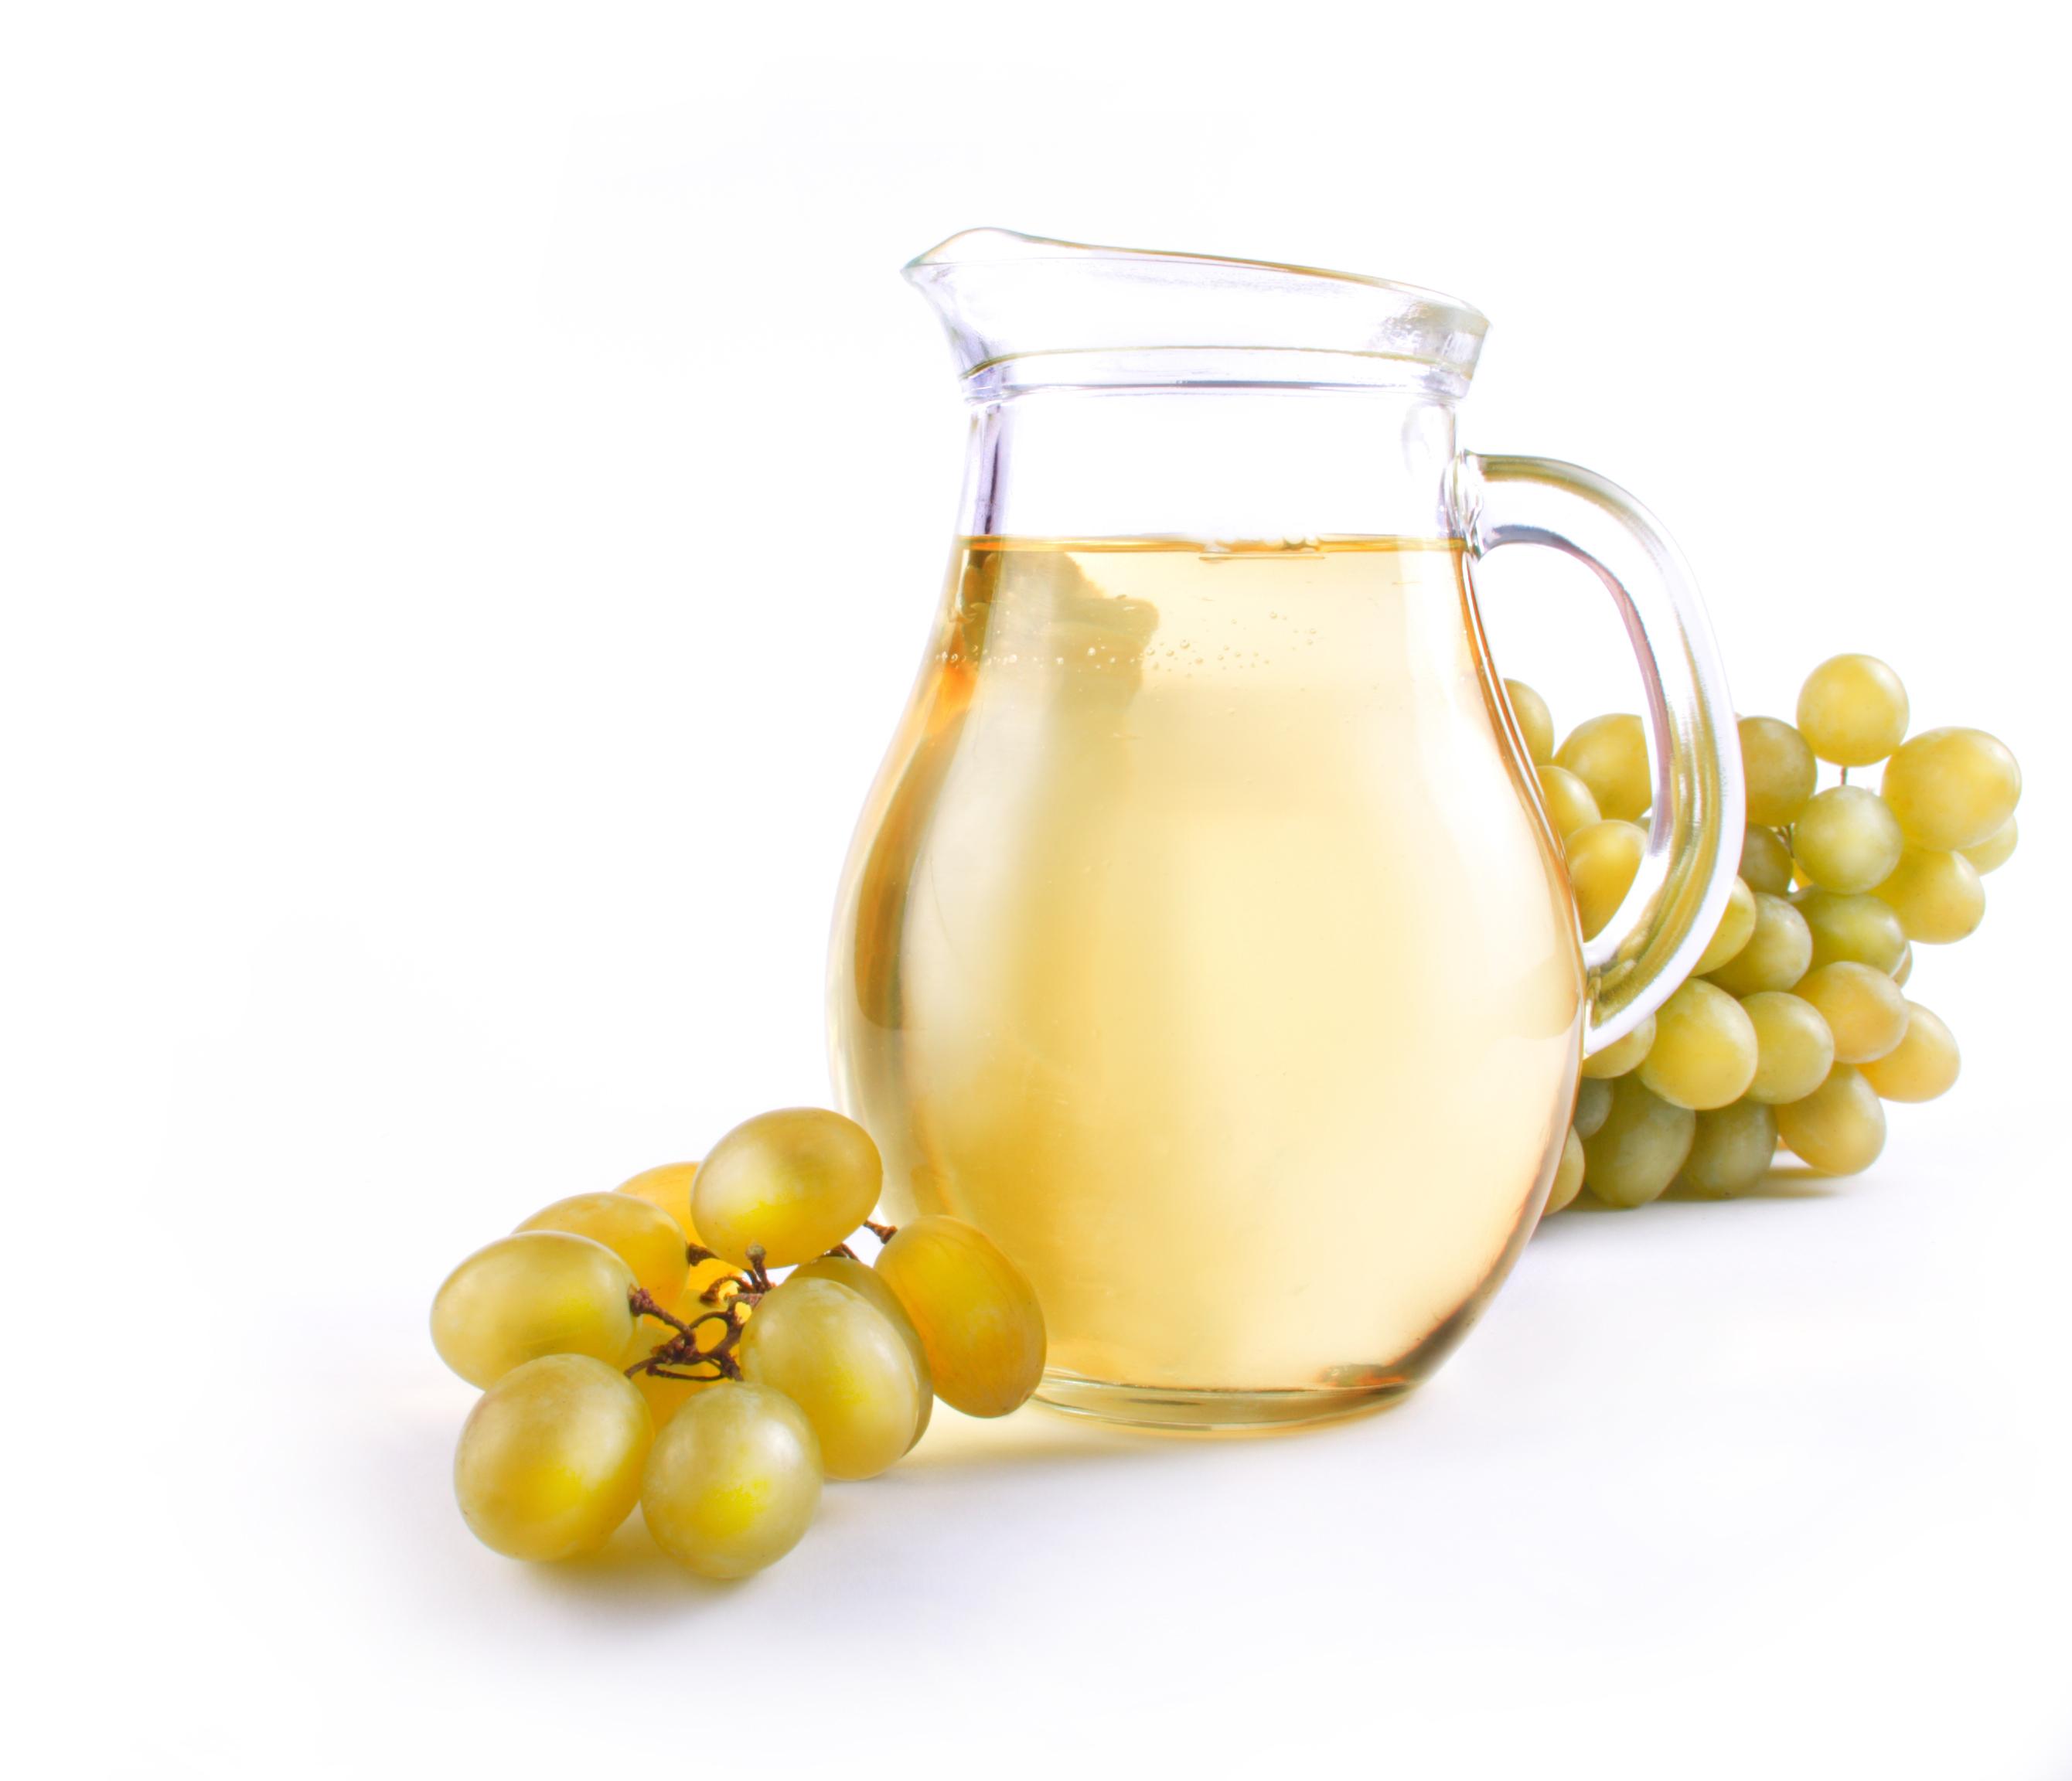 Aged White Balsamic Vinegar. 375 ml retail bottles.